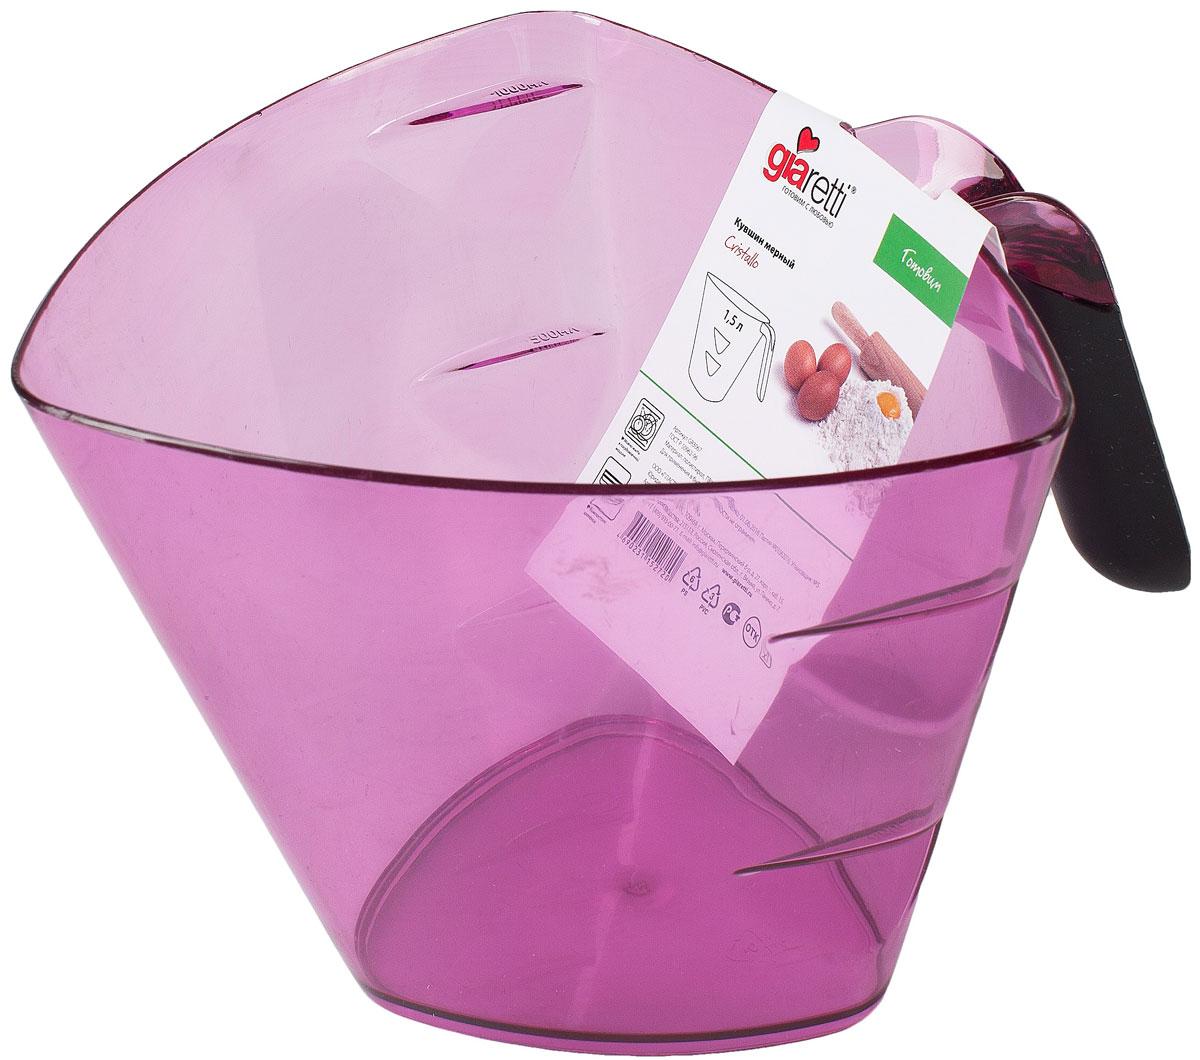 Кувшин мерный Giaretti Cristallo, цвет: фиолетовый, 1,5 лGR3067МИКСМерный кувшин Giaretti Cristallo, изготовленный из высококачественного пластика, вдохновляет на кулинарные победы своим ярким цветом и привлекательным дизайном. На внутренние стенки кувшина нанесена мерная шкала. Кувшин оснащен носиком для удобного слива, а также эргономичной ручкой с противоскользящей вставкой. Такой мерный кувшин придется по душе каждой хозяйке и станет незаменимым аксессуаром на кухне.